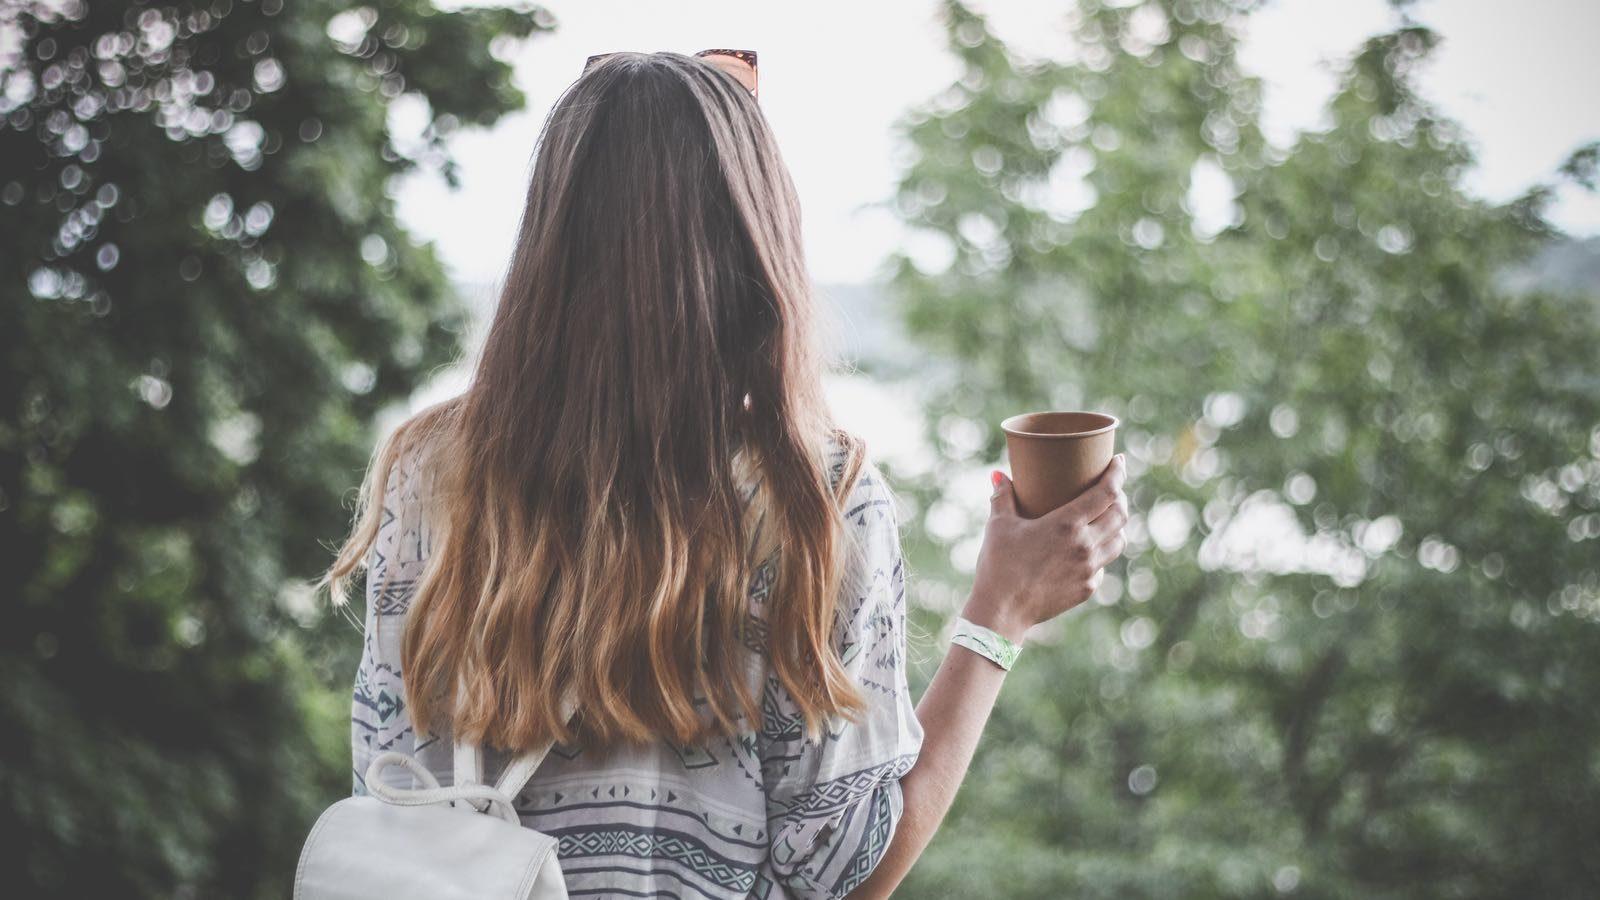 Jojobaöl Für Die Haare 10 Unglaubliche Vorteile Für Dein Haarwachstum